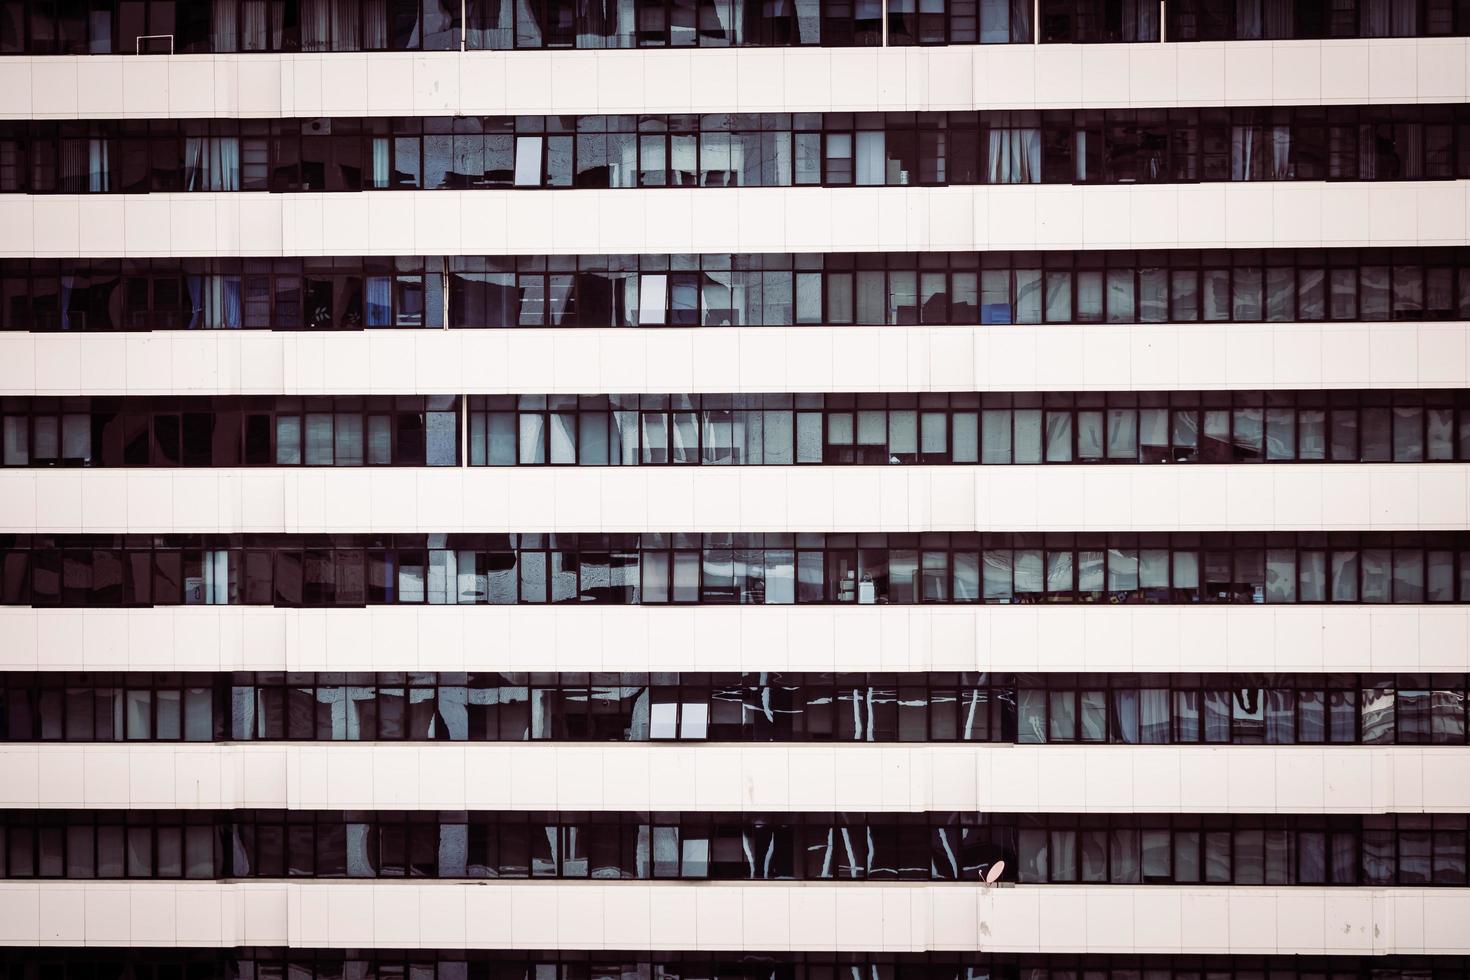 fönster mönster texturer av byggnaden foto